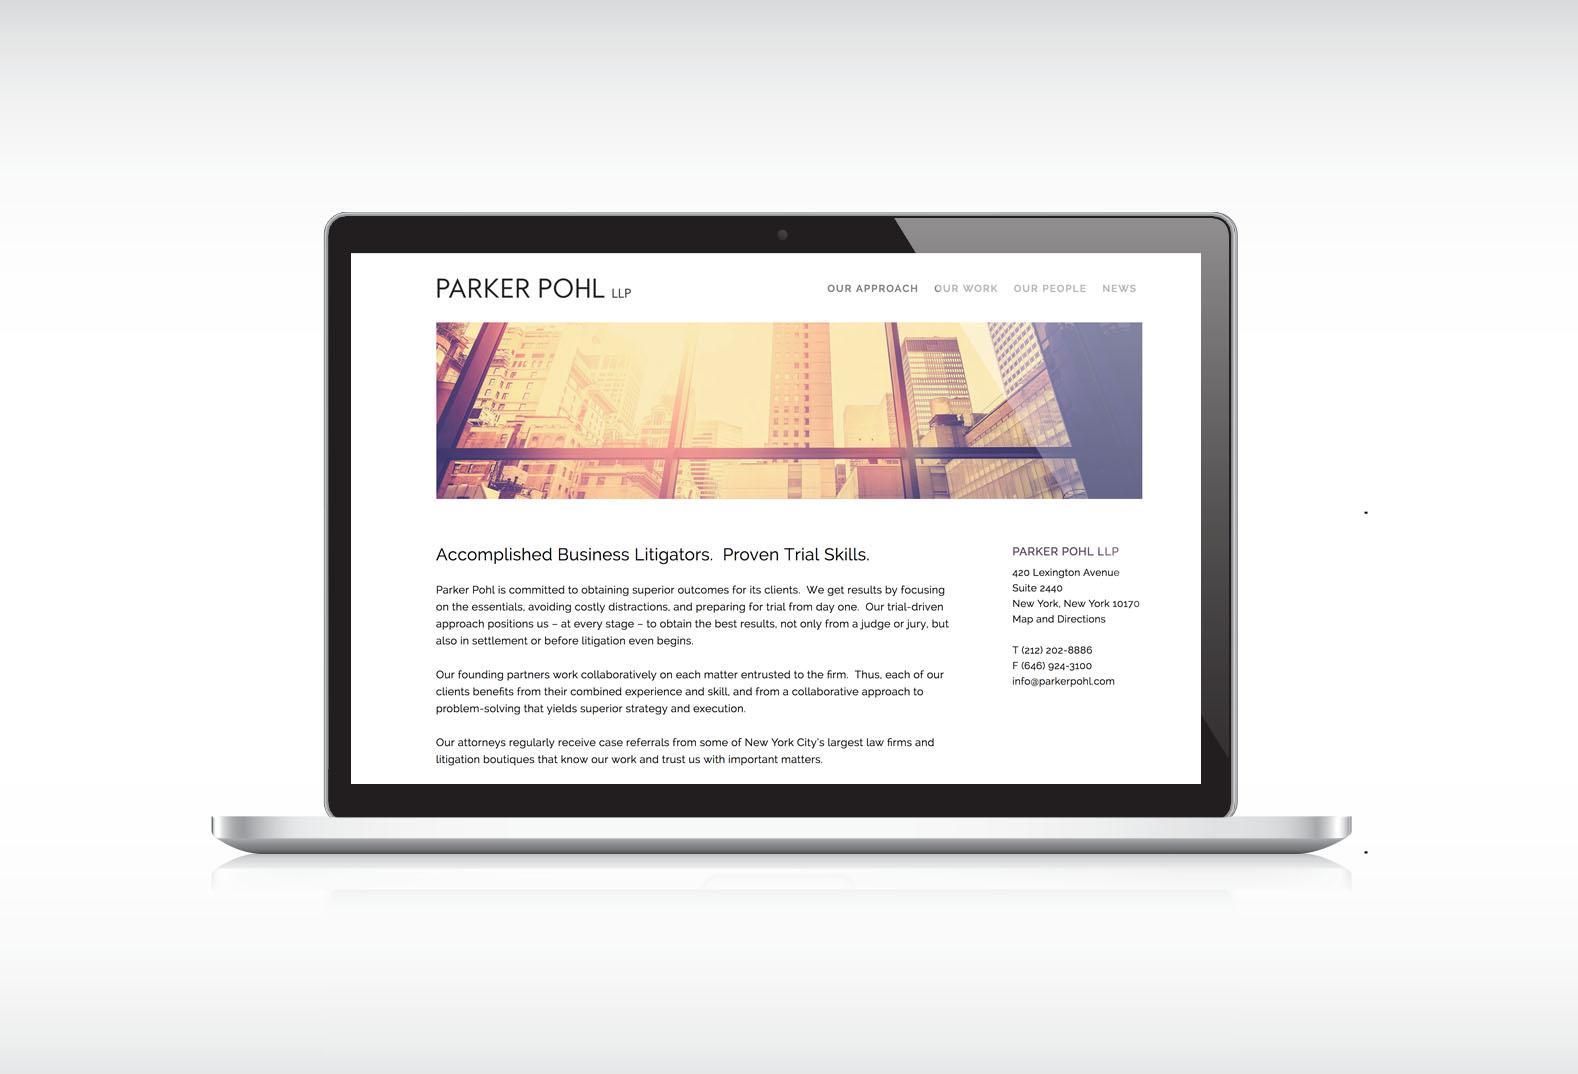 Parker Pohl LLP Website